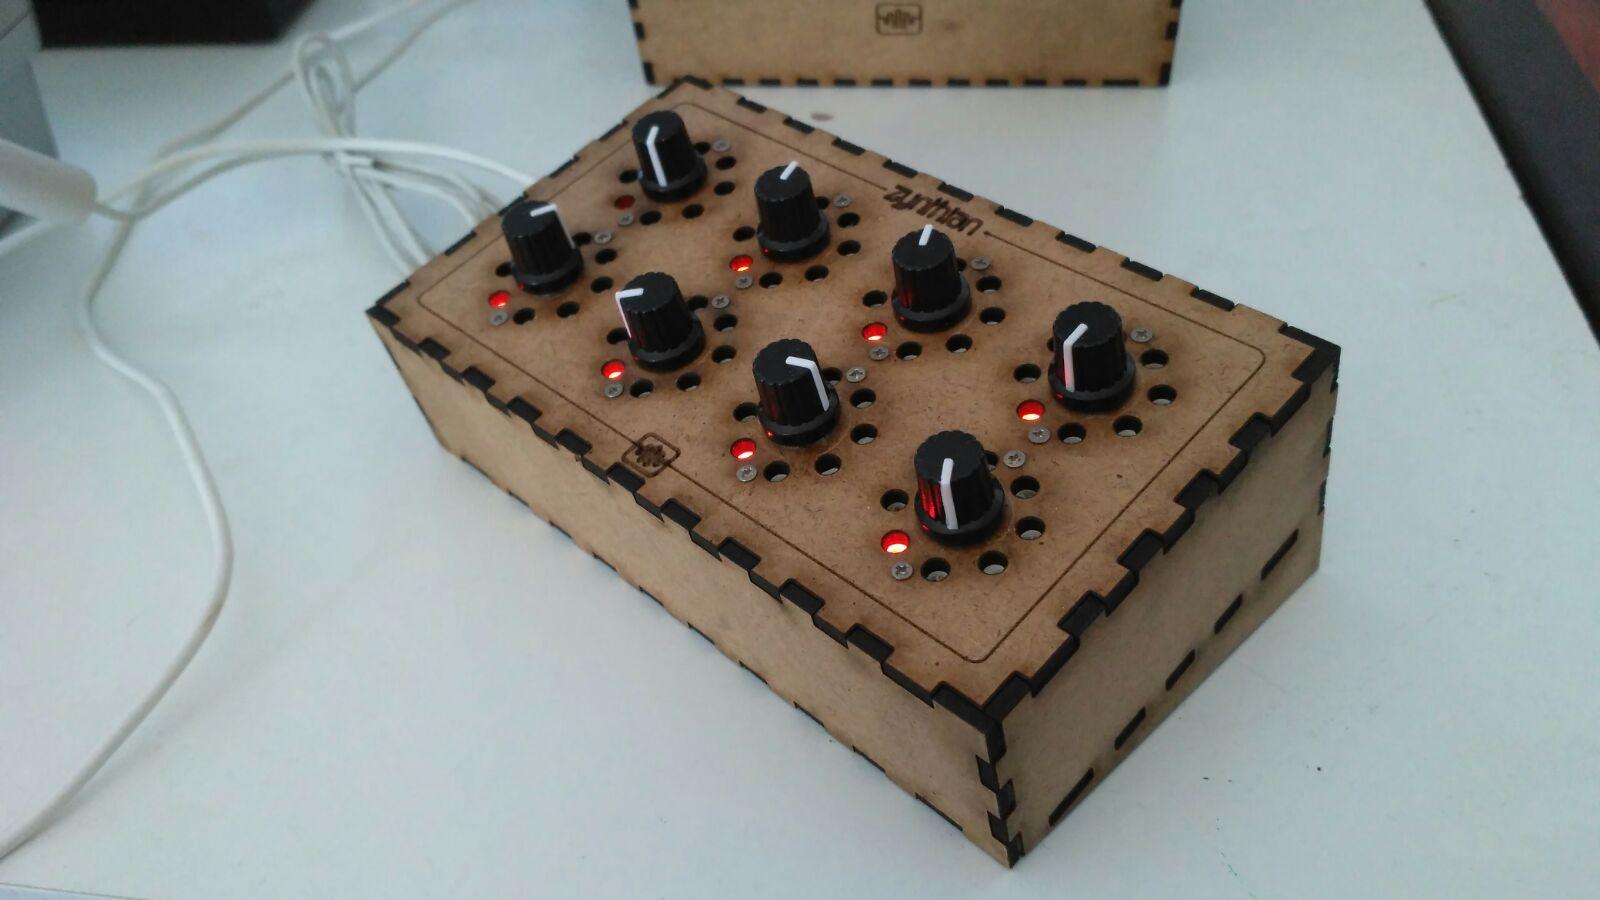 GitHub - zynthian/zynthian-controller: Zynthian MIDI-USB